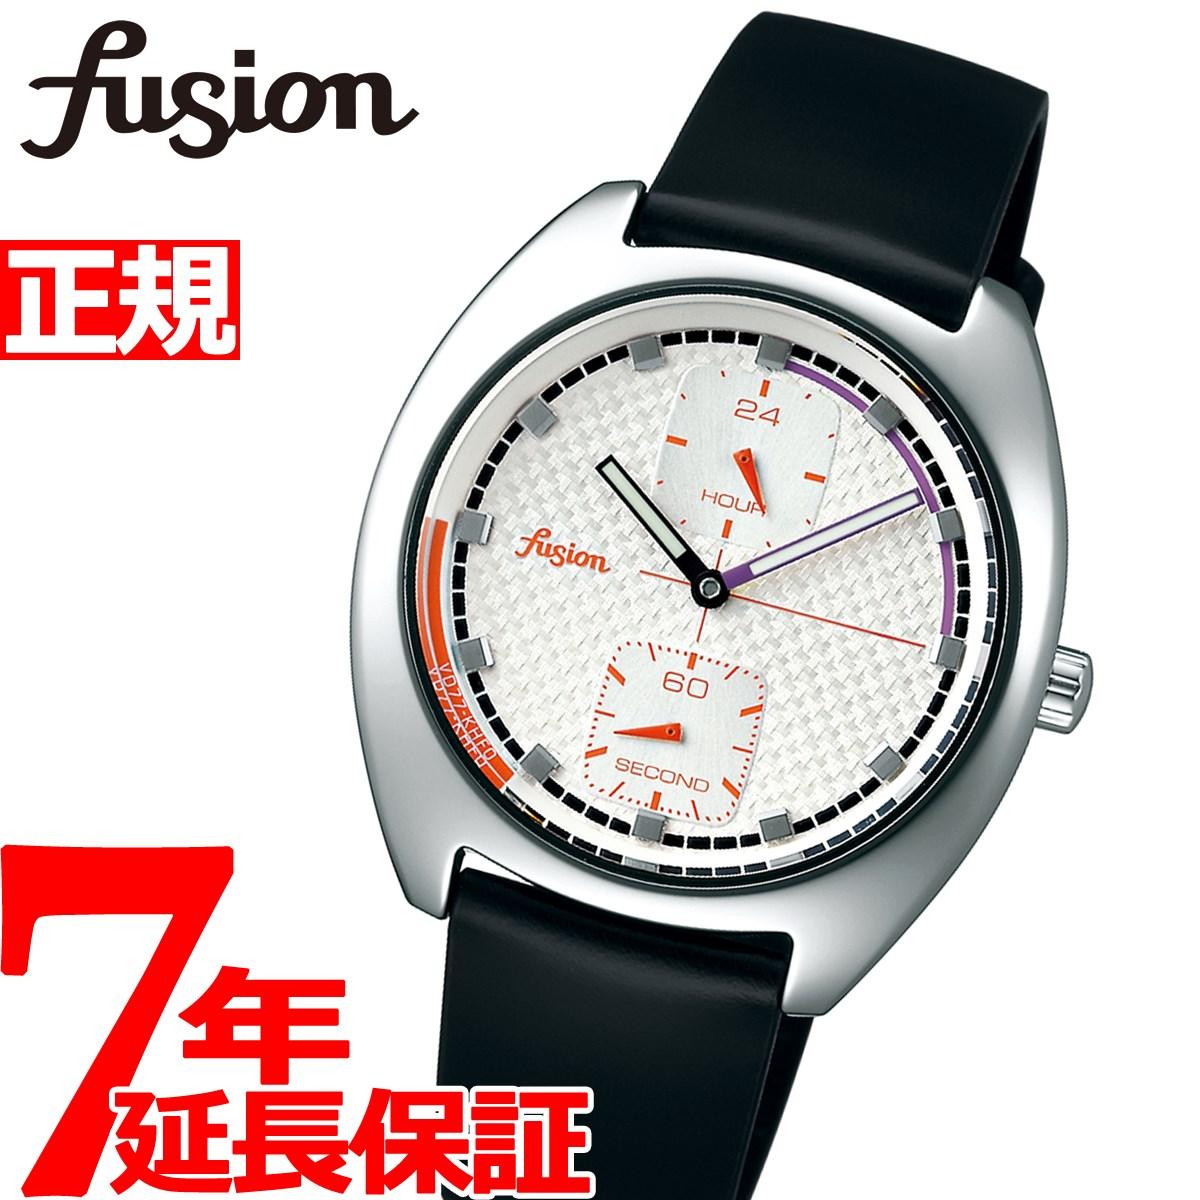 【5日0時~♪2000円OFFクーポン&店内ポイント最大51倍!5日23時59分まで】セイコー アルバ フュージョン SEIKO ALBA fusion 腕時計 メンズ レディース AFSK405